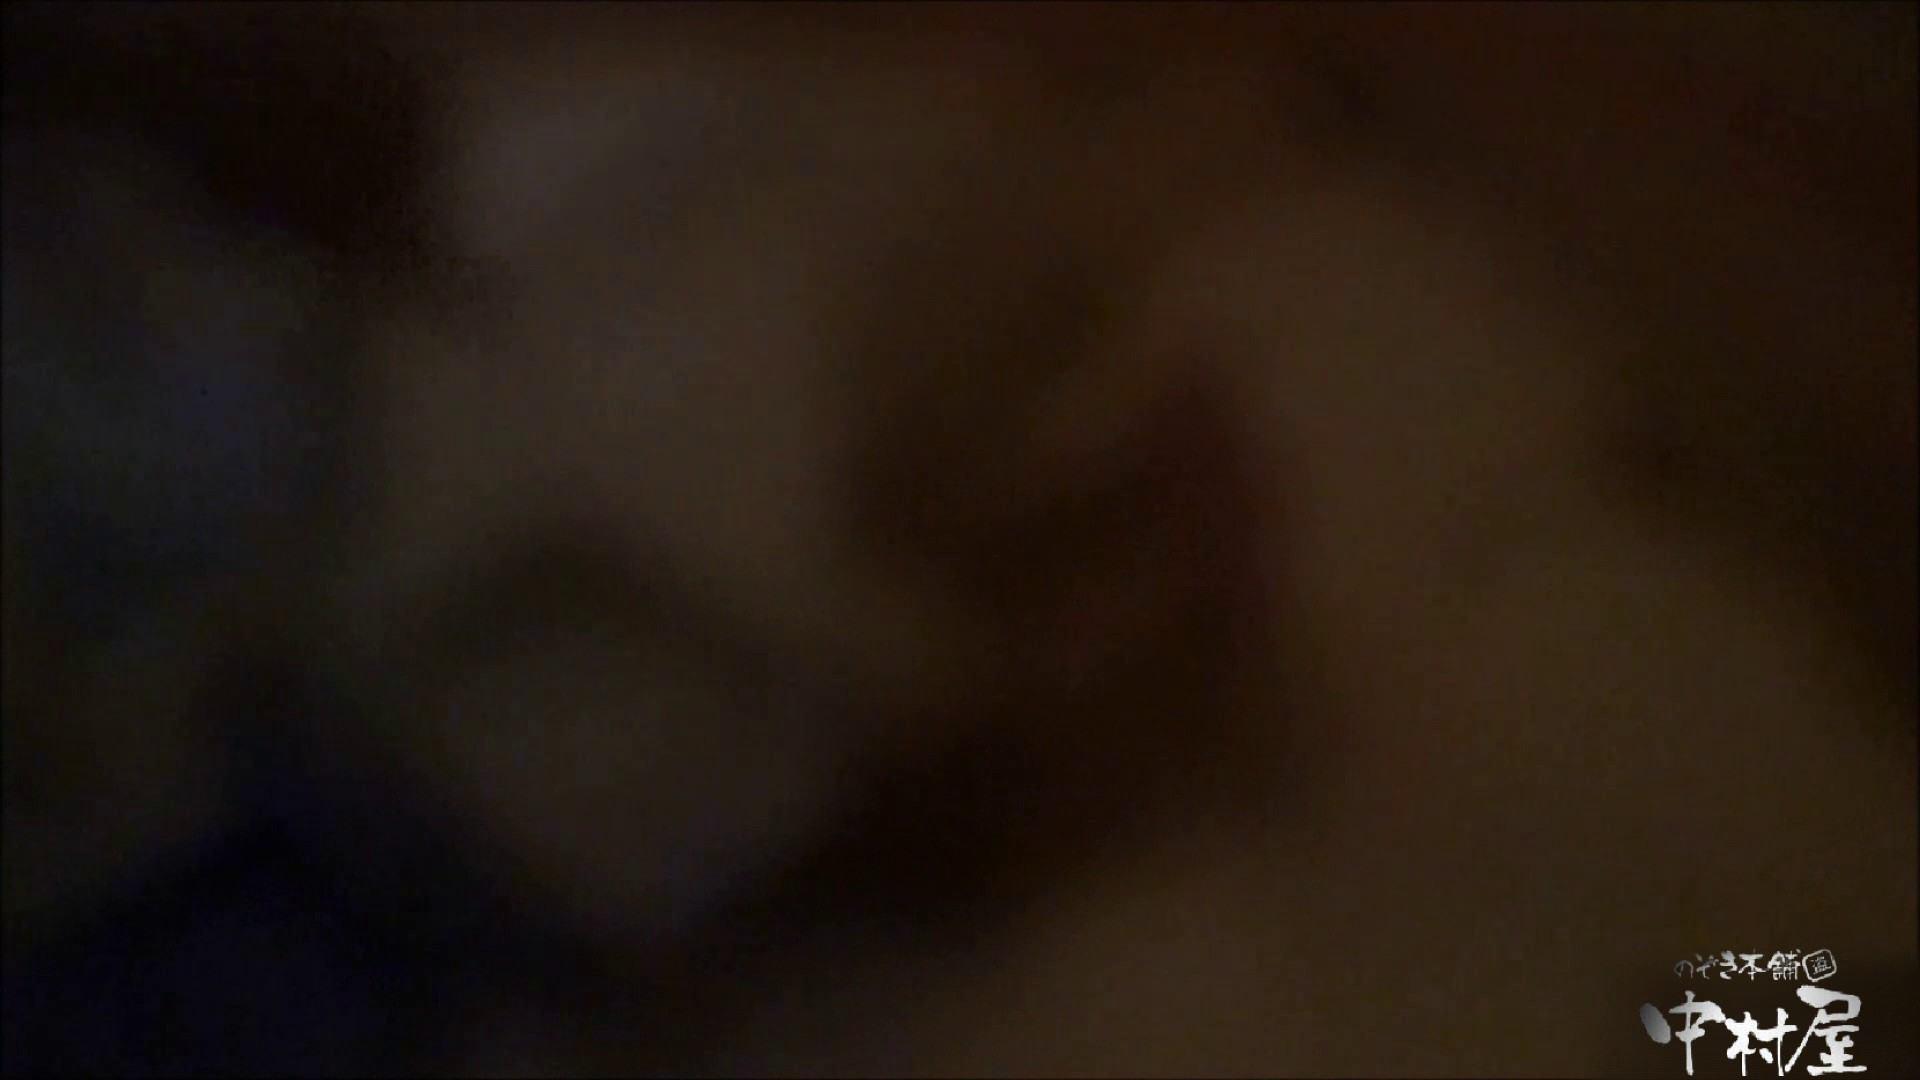 二人とも育てた甲斐がありました…vol.71【営業のオンナ】白い液体で汚しまくる・・・前編 美しいOLの裸体  94pic 24